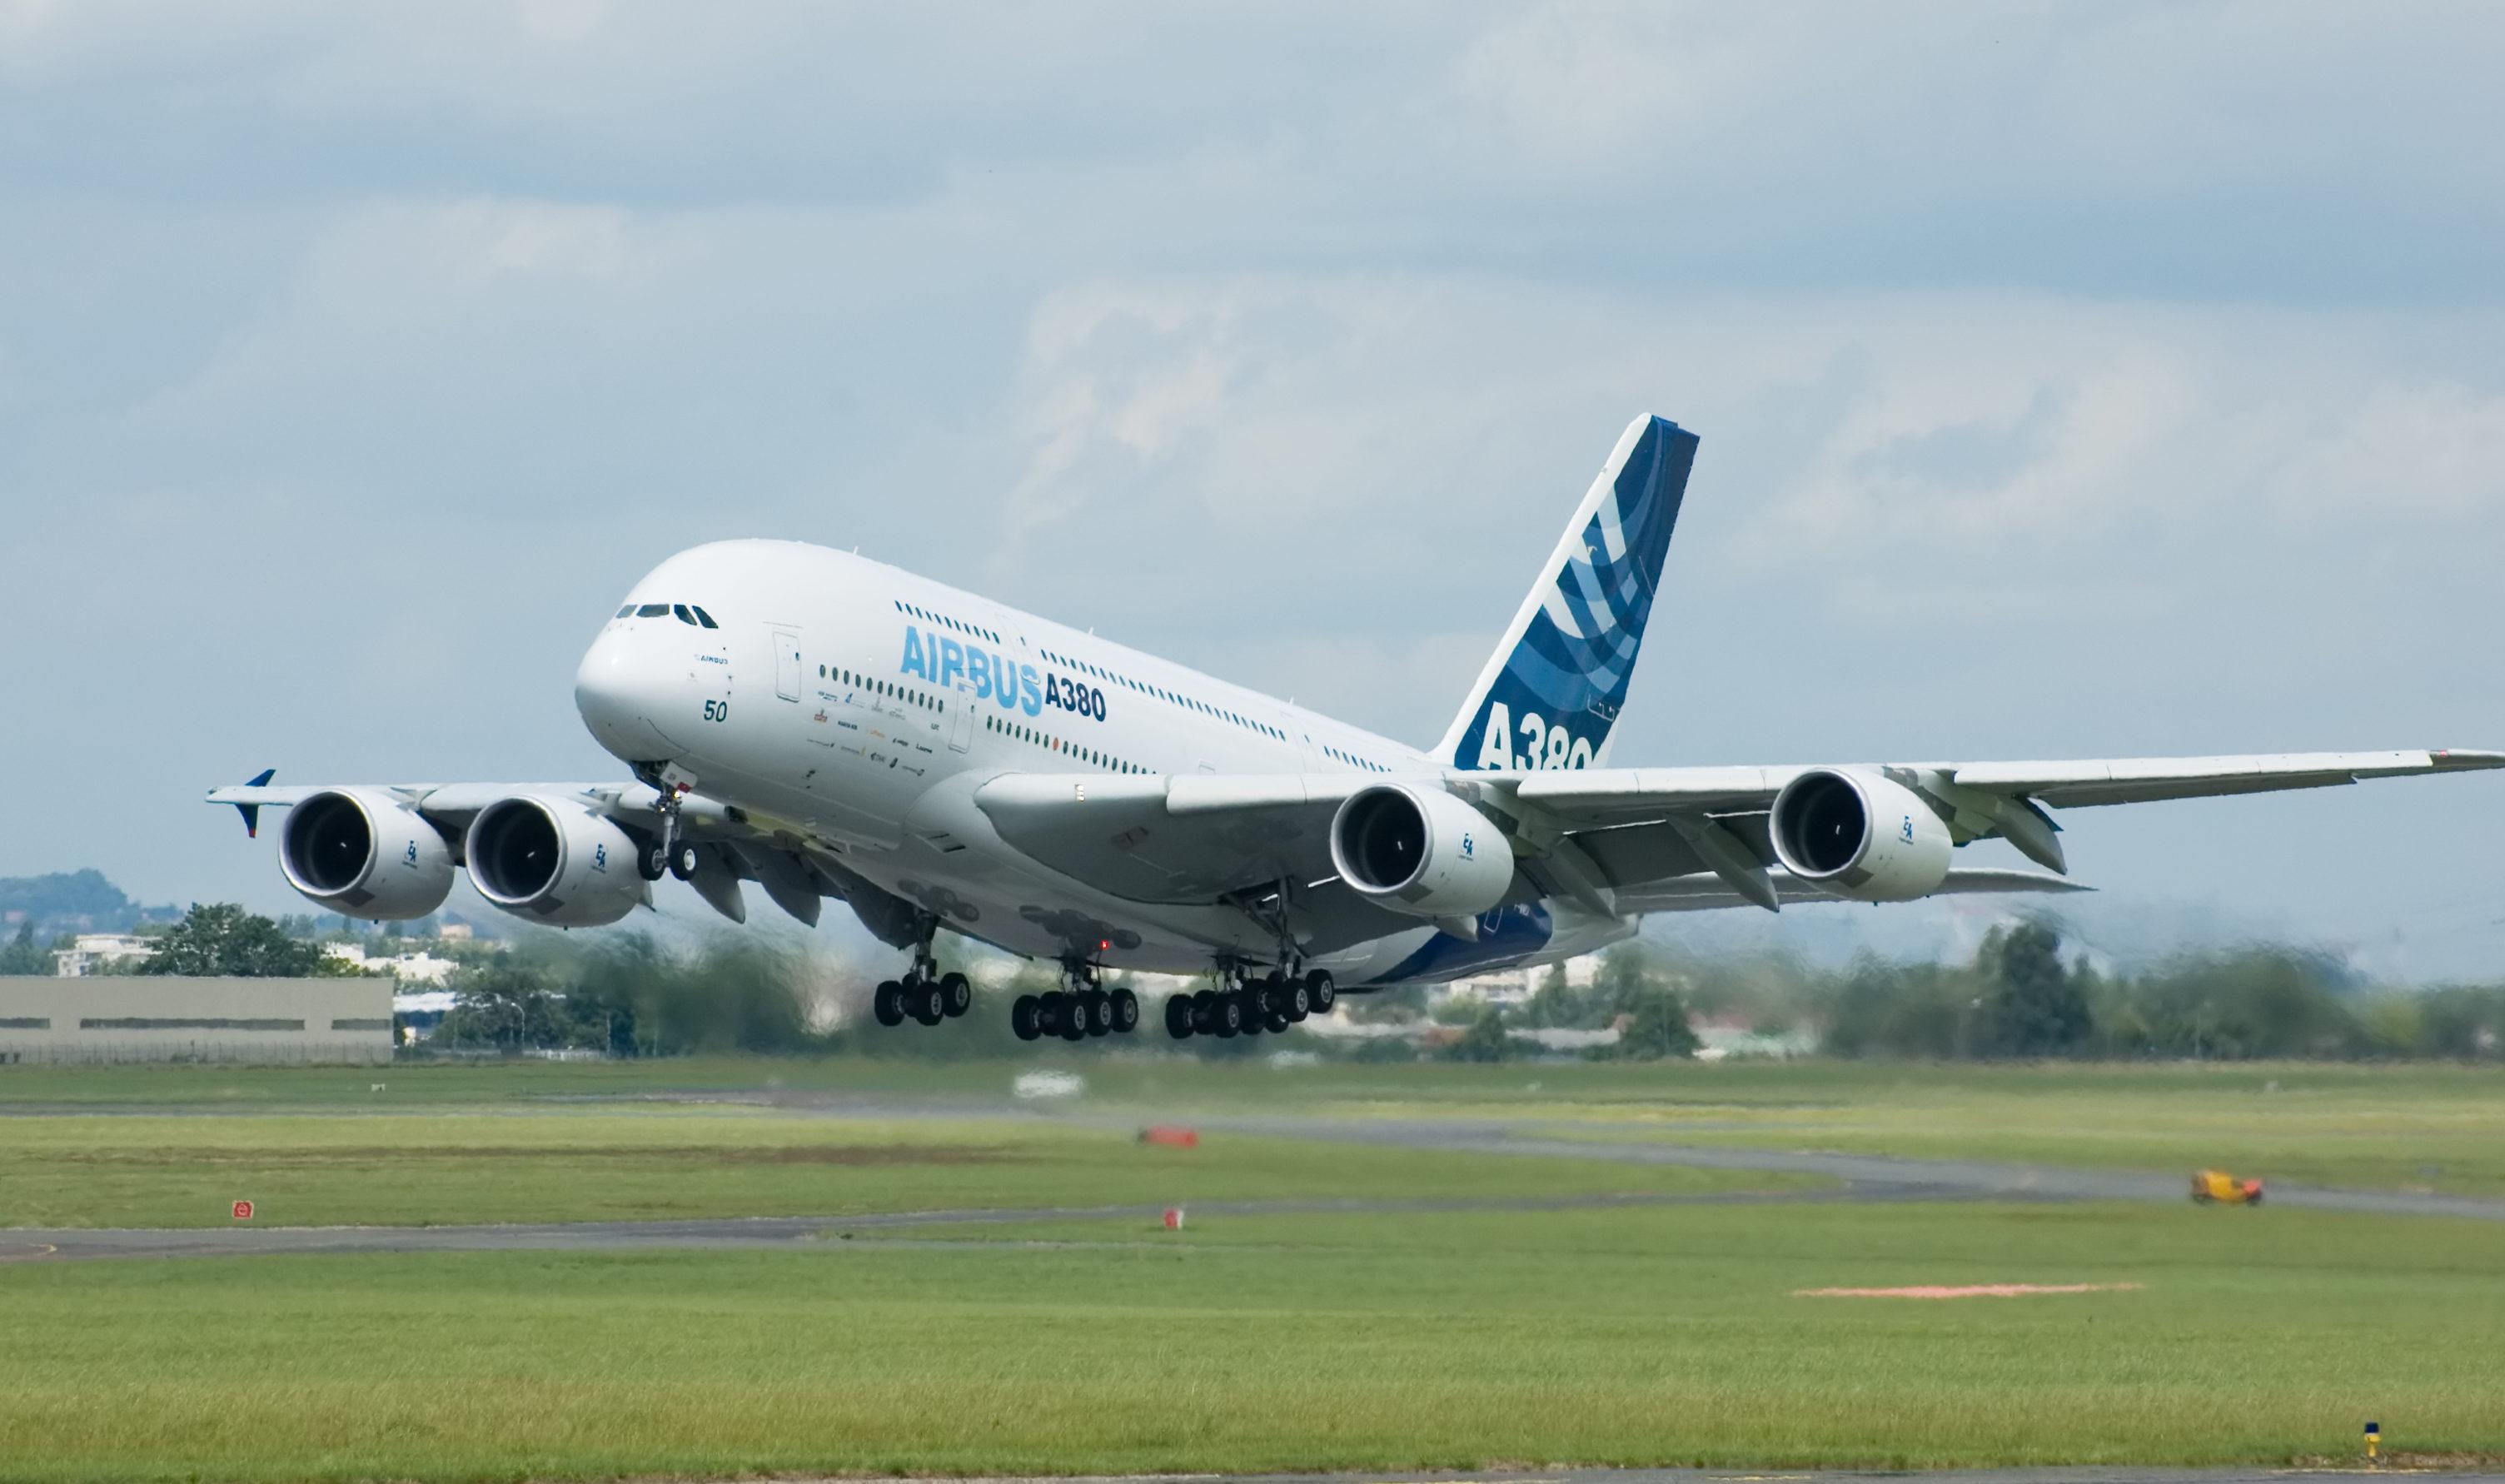 La compañía malagueña AERTEC colabora con Airbus en el diseño y digitalización de sistemas embarcados para sus aviones civiles